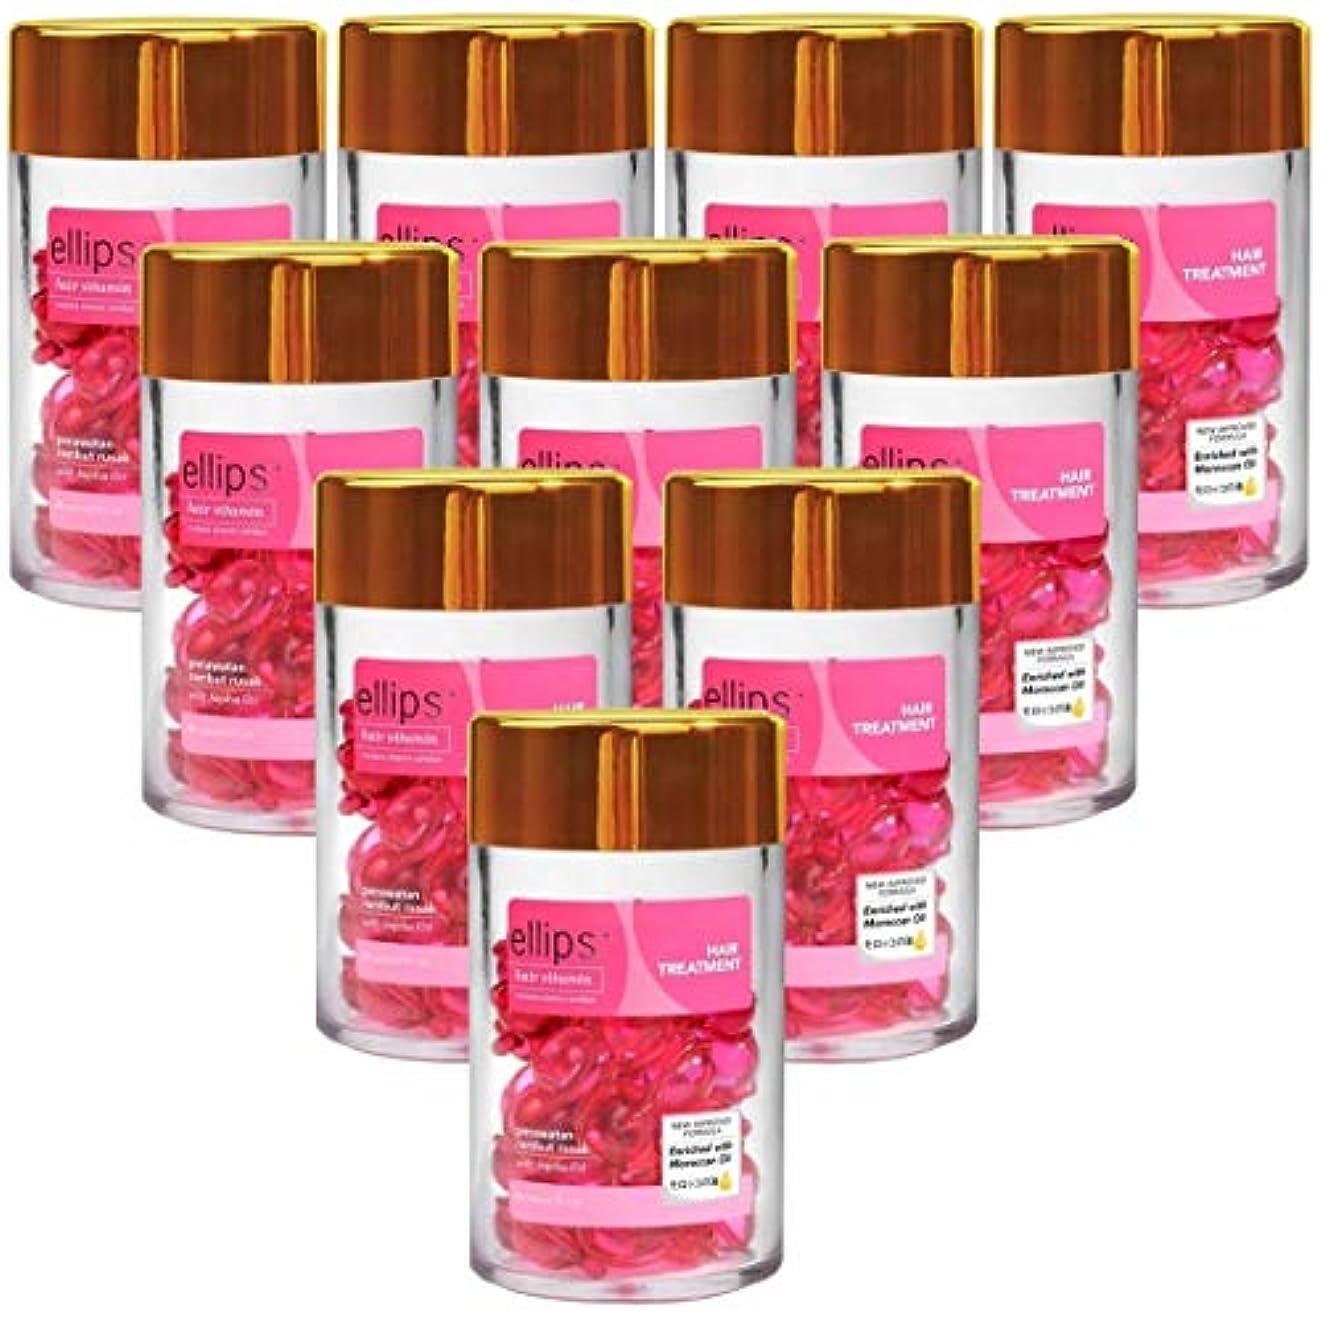 絶対の内なる受けるエリップス ellips ヘアビタミン ヘアトリートメント 50粒 ボトル ピンク お得な10本セット [並行輸入品]